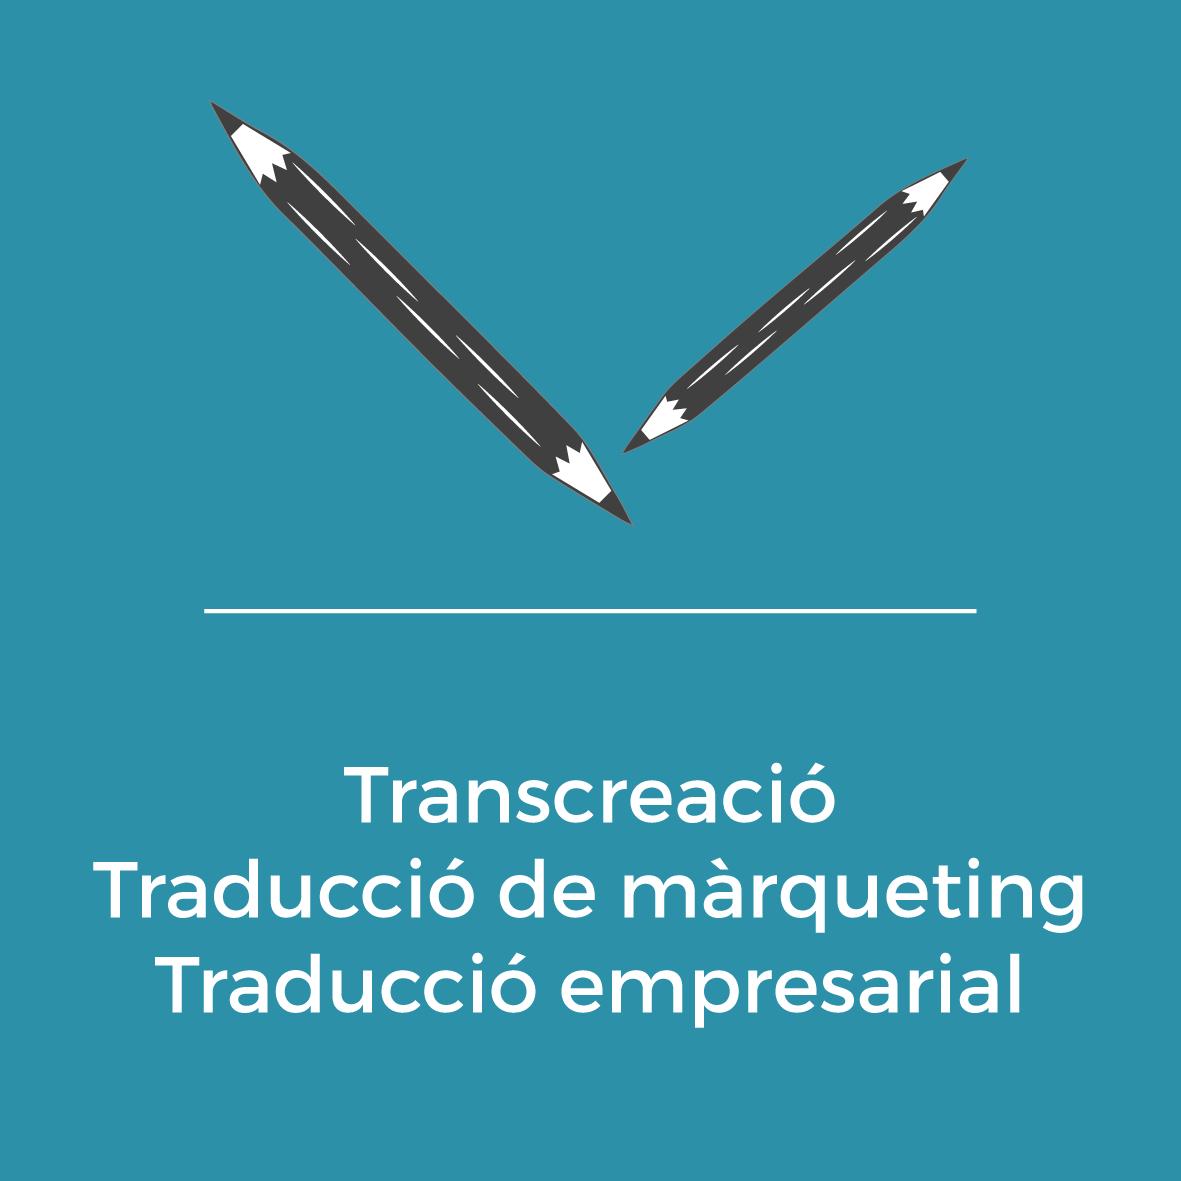 Serveis - Transcreació - Traducció de màrqueting - Traducció empresarial